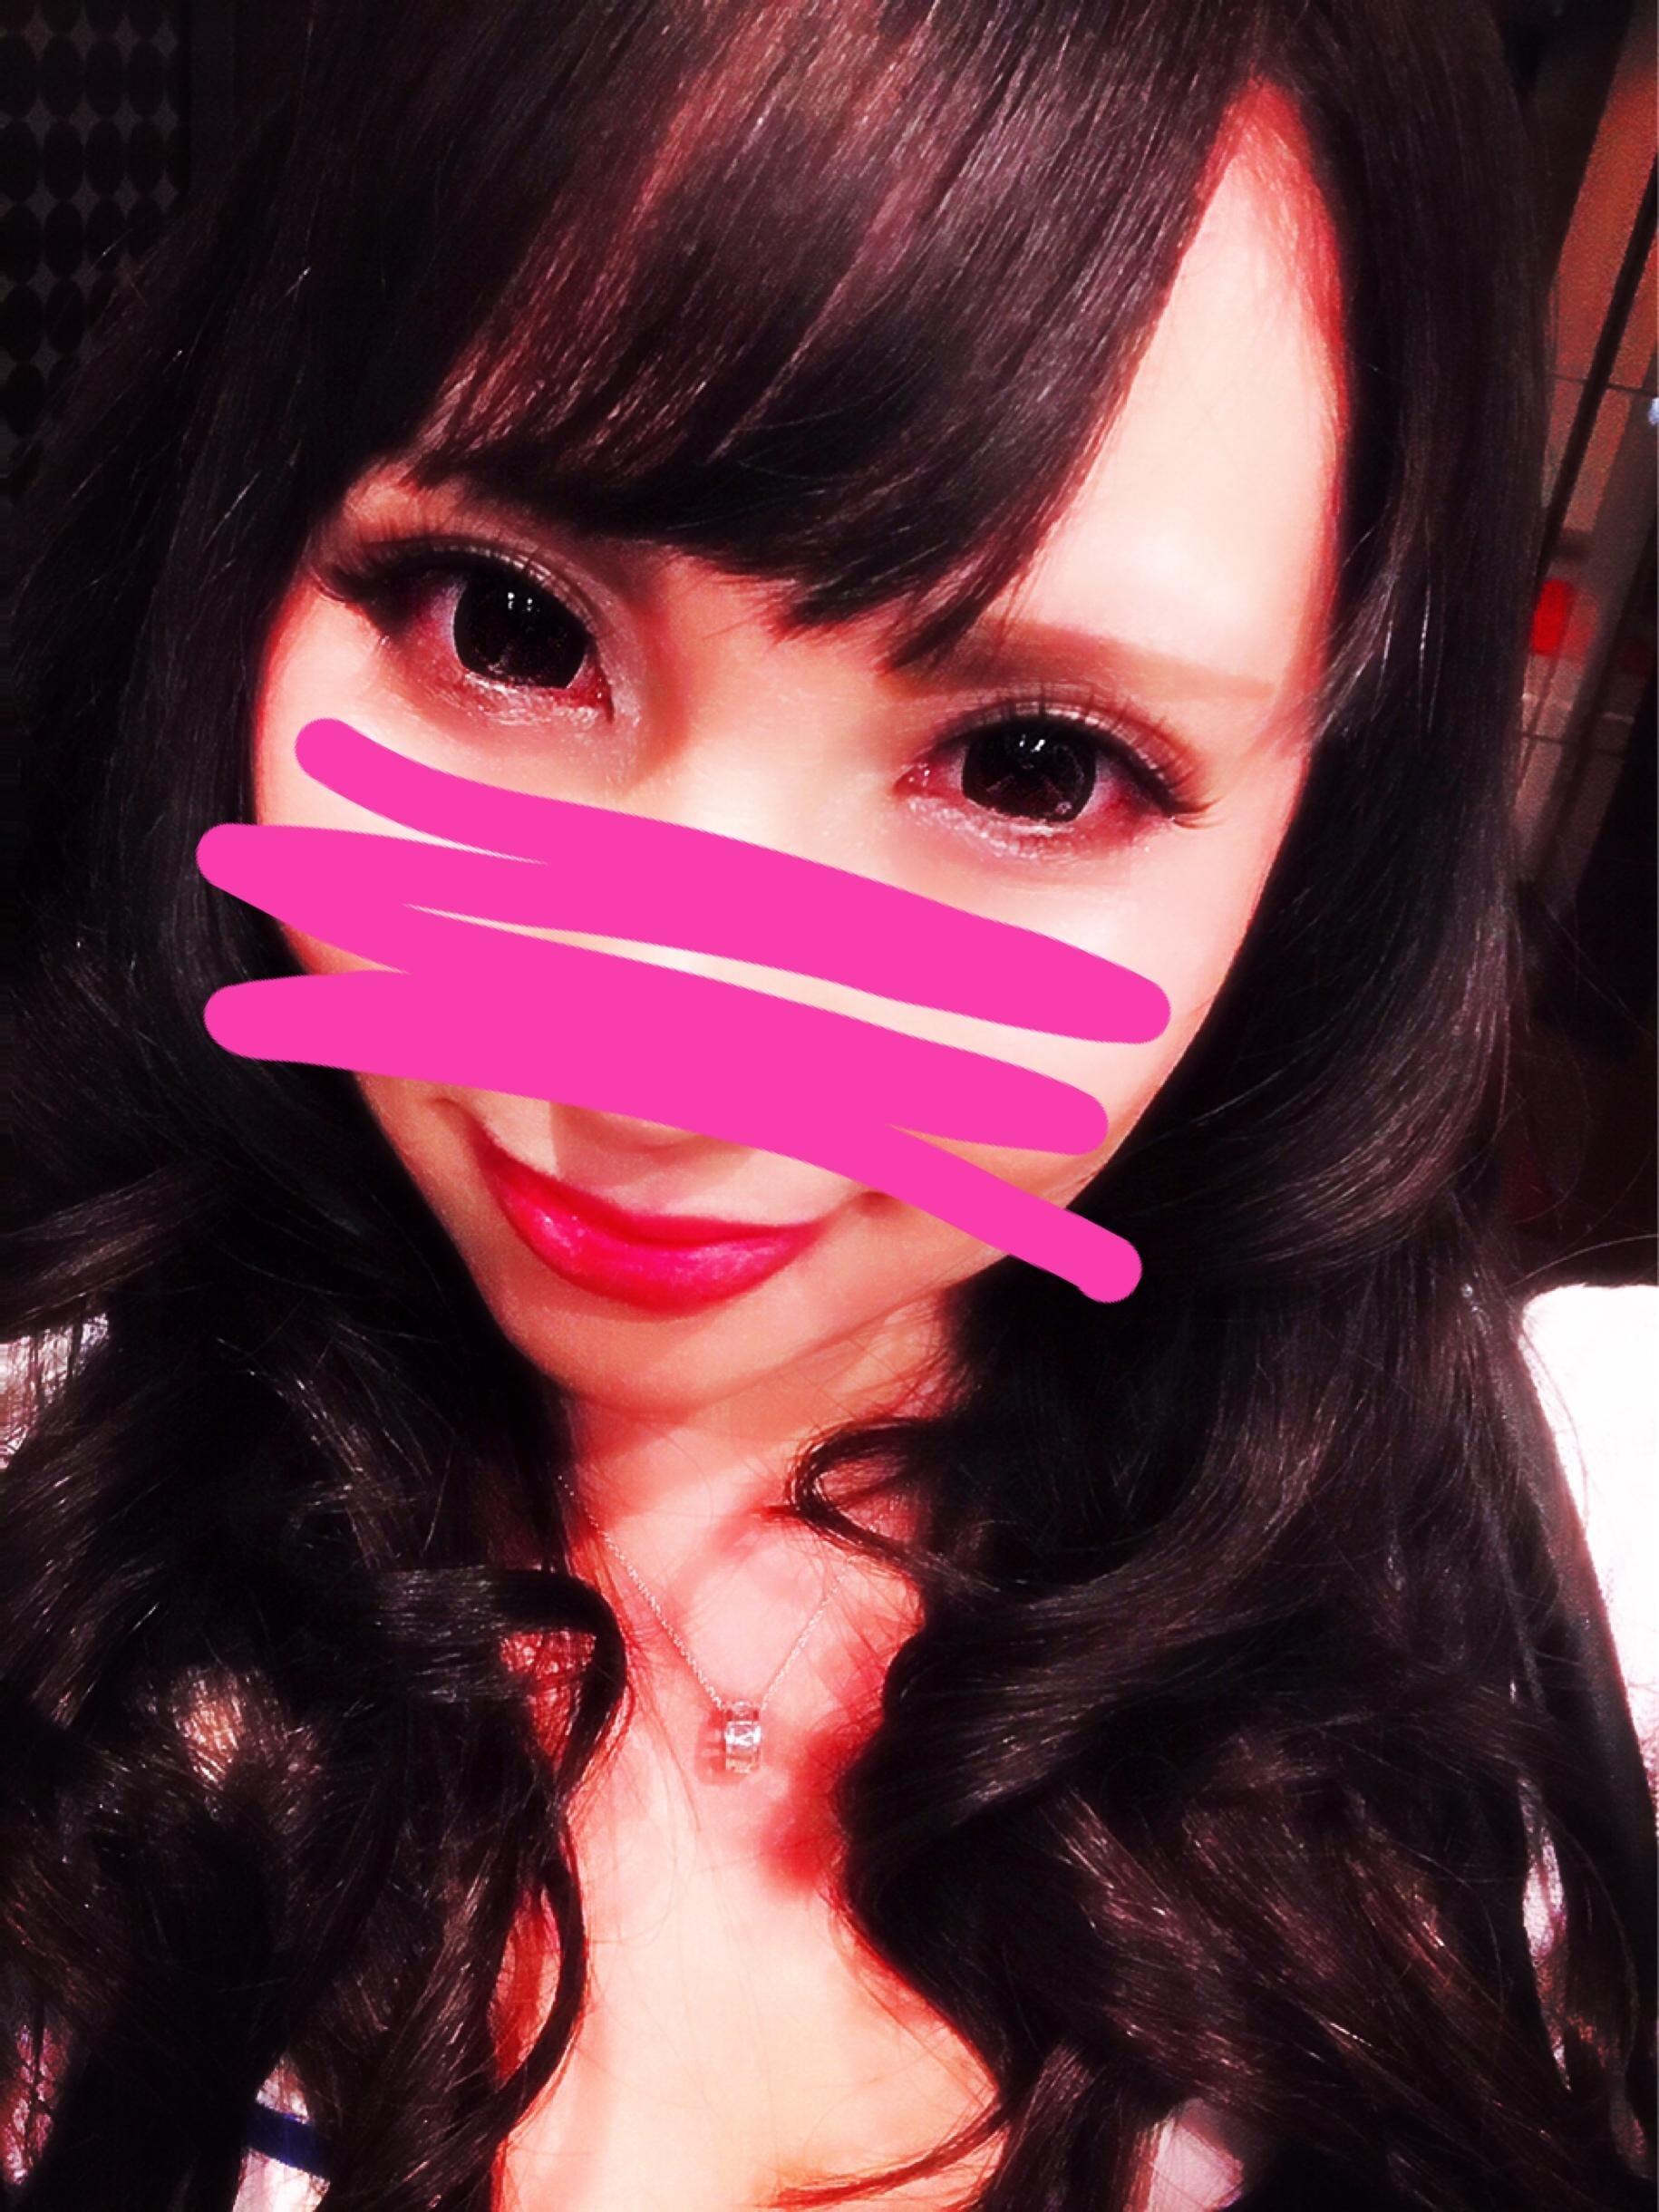 「待機なぅ❤」12/16(日) 19:07 | 三上 樹里の写メ・風俗動画